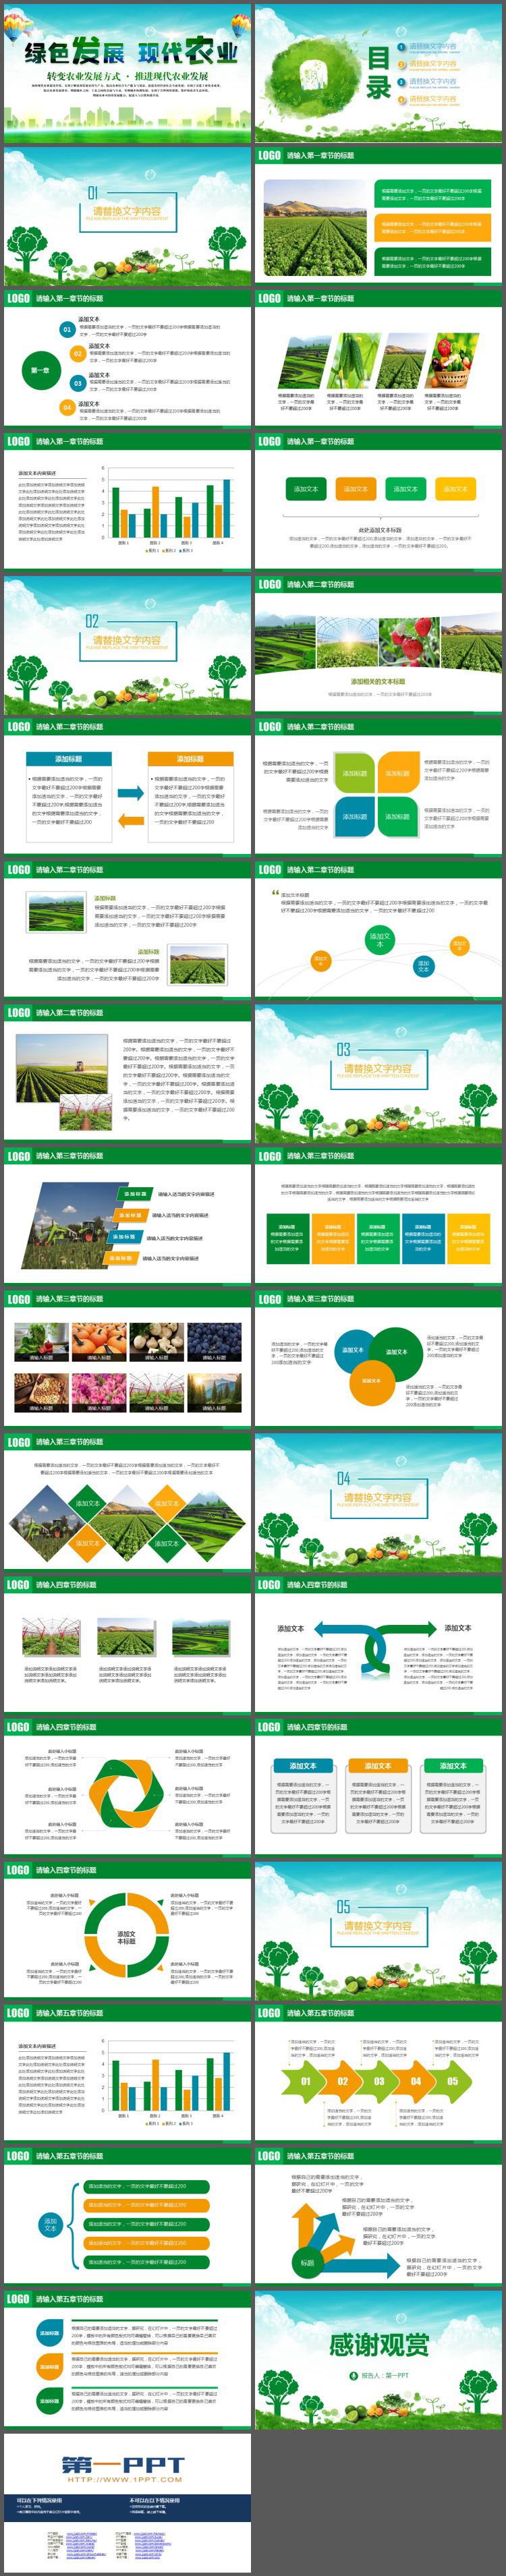 绿色发展现代农业PPT模板免费下载